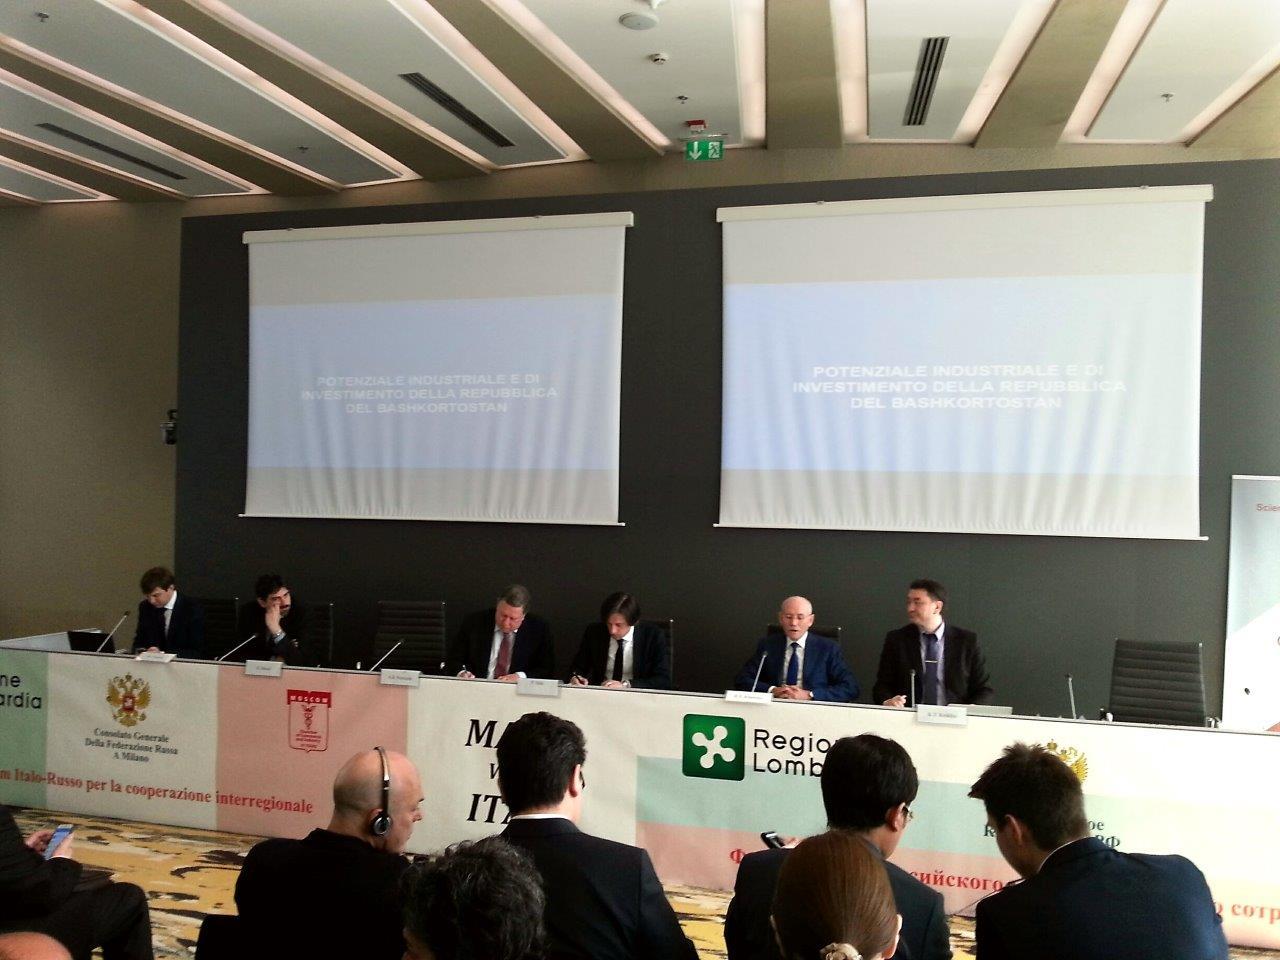 IL CONSOLE MARCO GINESI PARTECIPA AL FORUM ITALO RUSSO PER LA COOPERAZIONE INTERREGIONALE DI MILANO